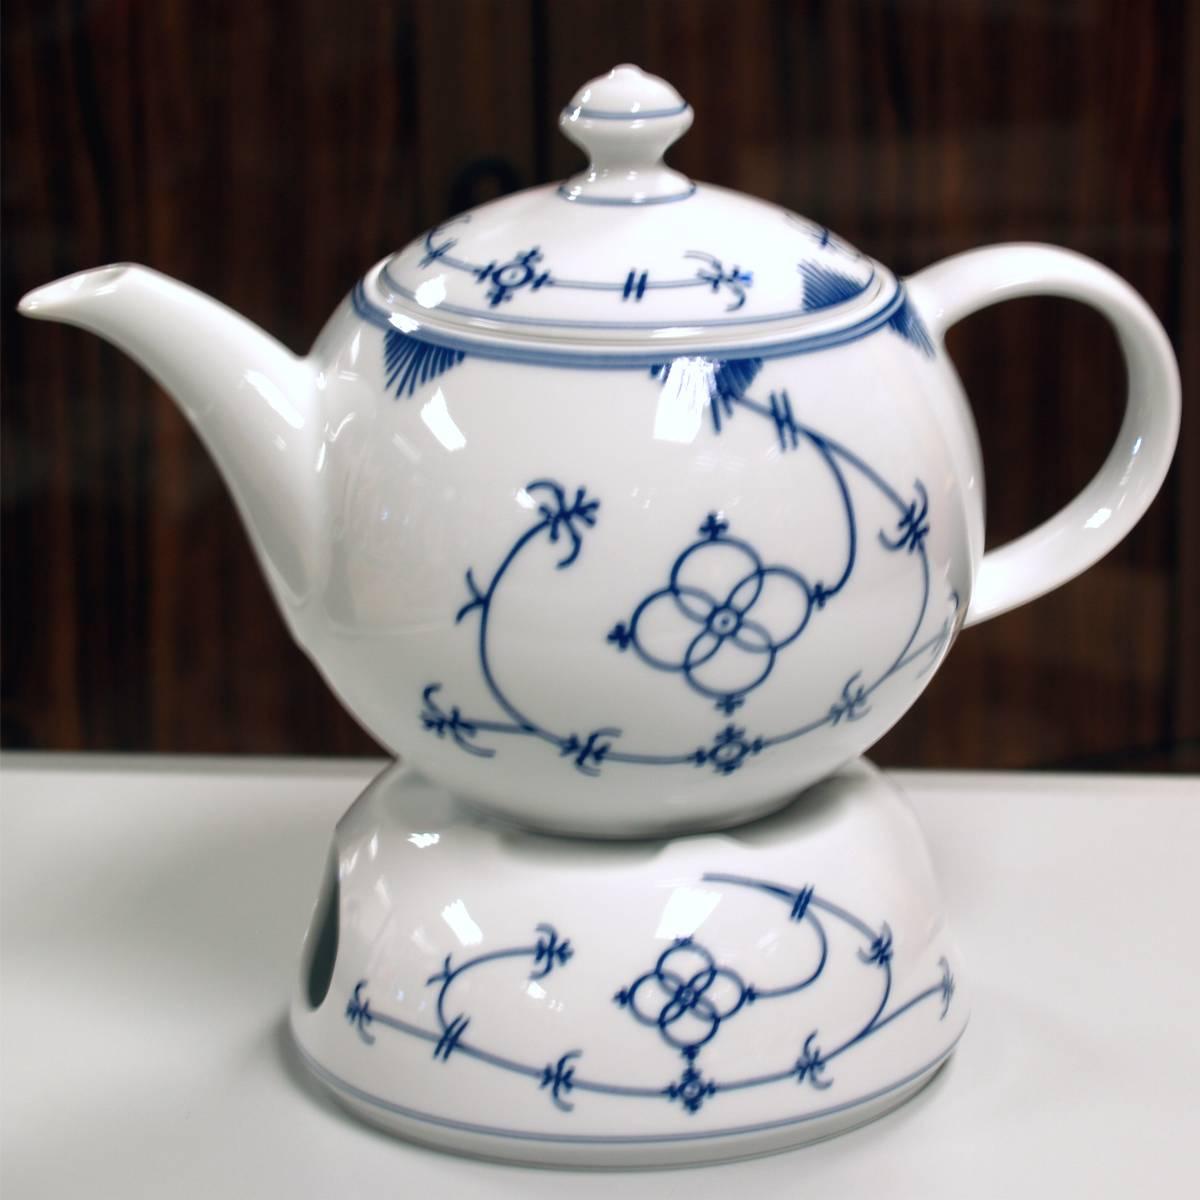 Winterling - Porzellan · Indisch Blau